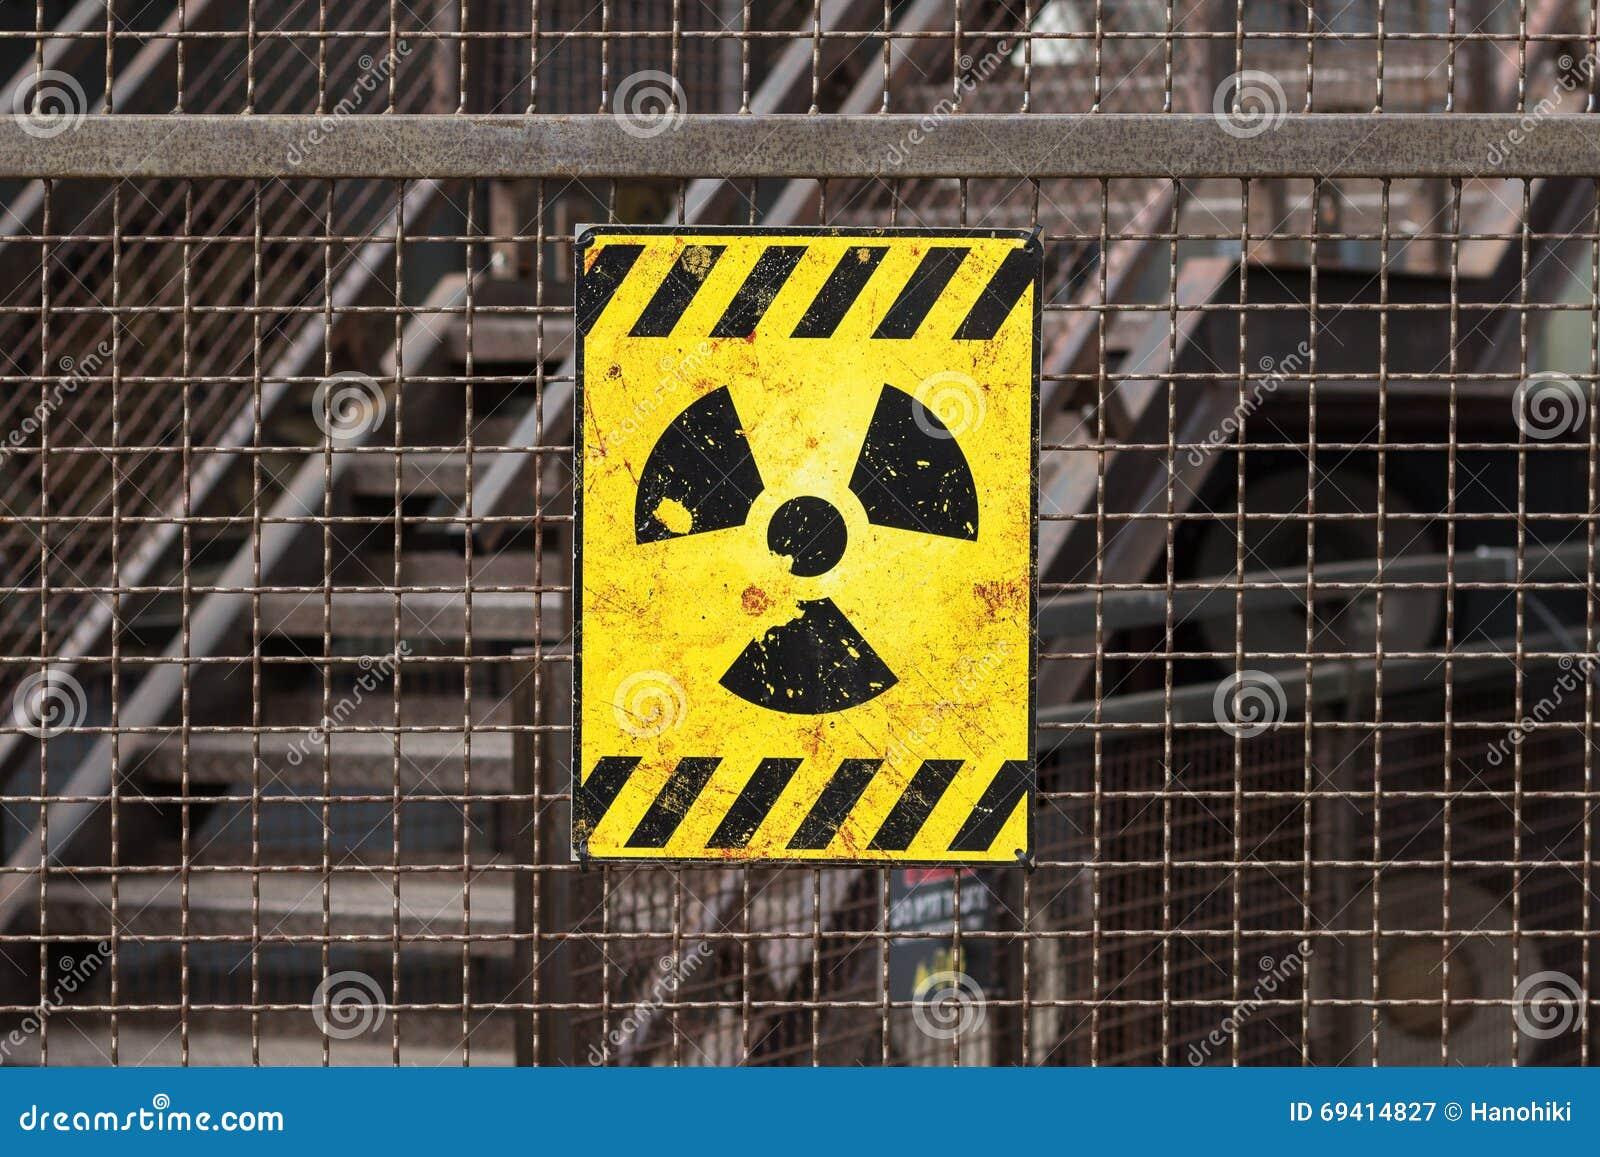 Promieniotwórczy znak ostrzegawczy na ośniedziałym ogrodzeniu